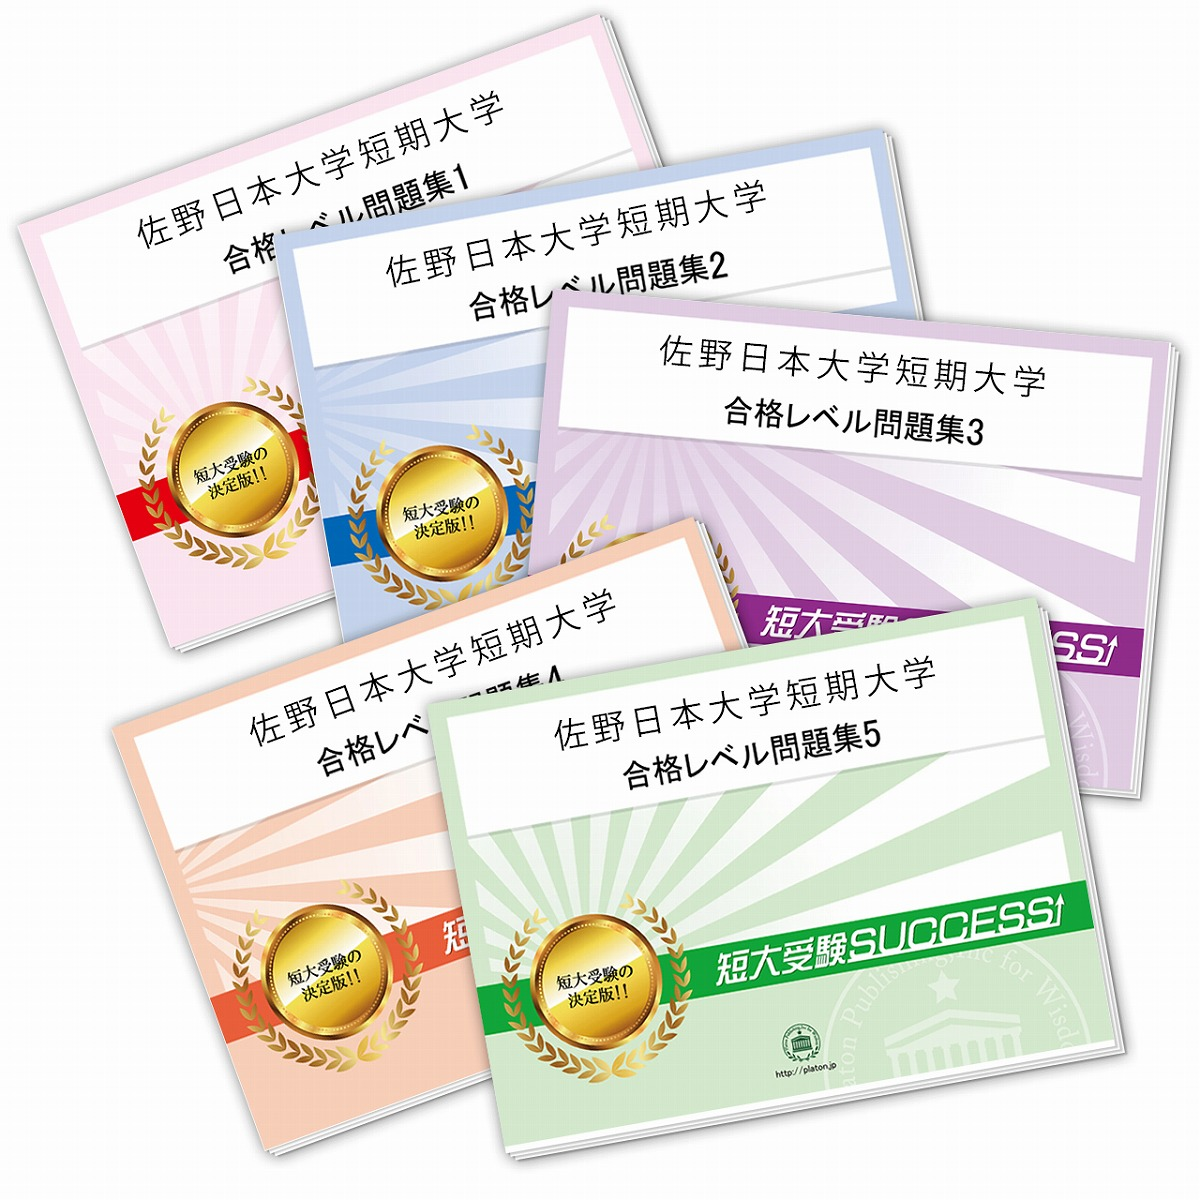 【送料・代引手数料無料】佐野日本大学短期大学受験合格セット(5冊)